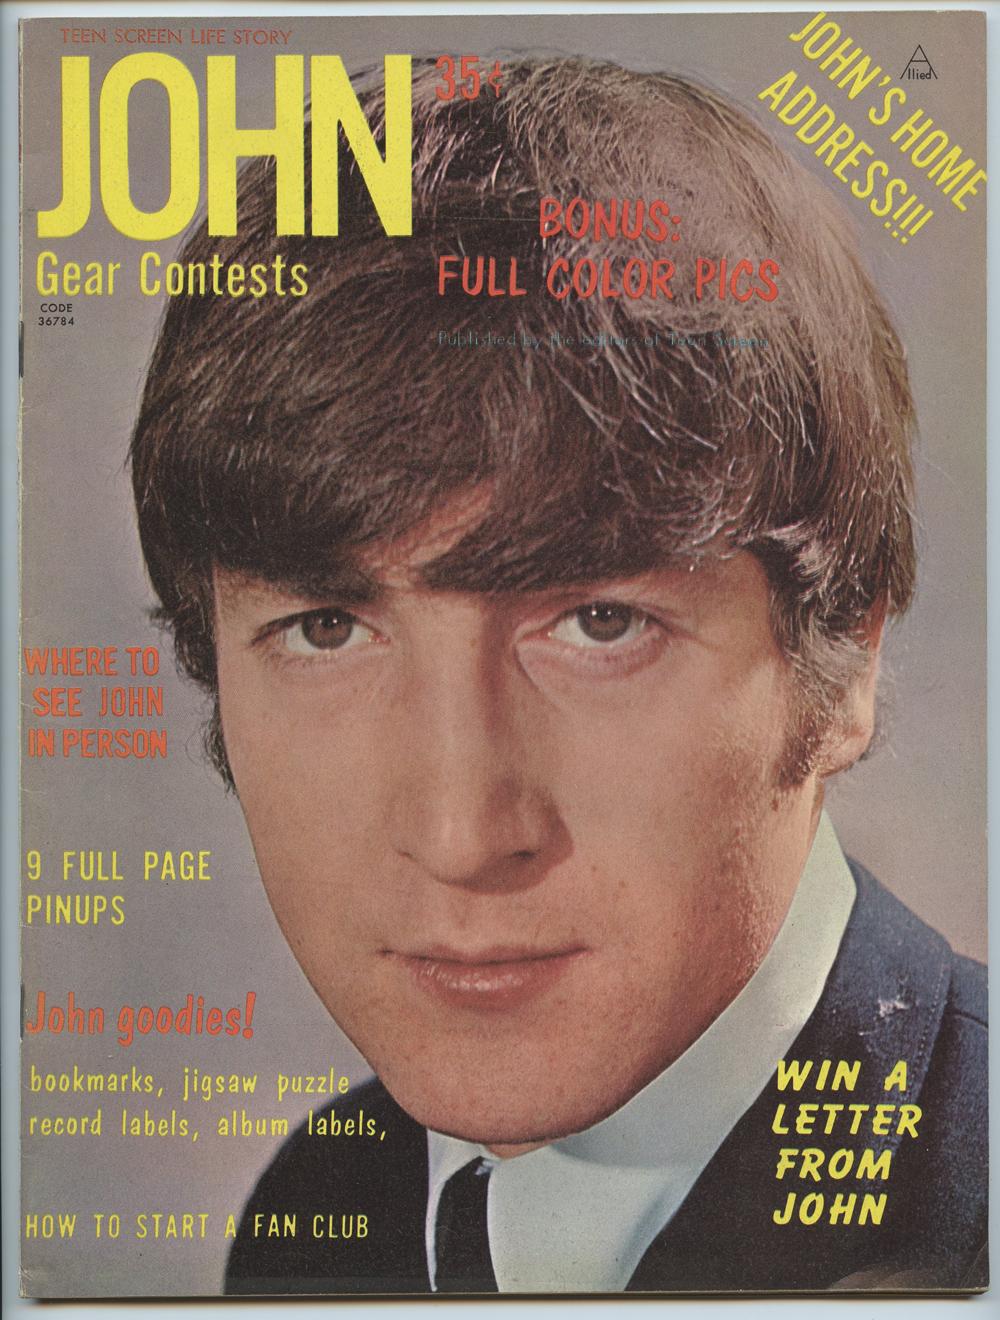 The Beatles Magazine Back Issue John Lennon Teen Screen Life Story 1964